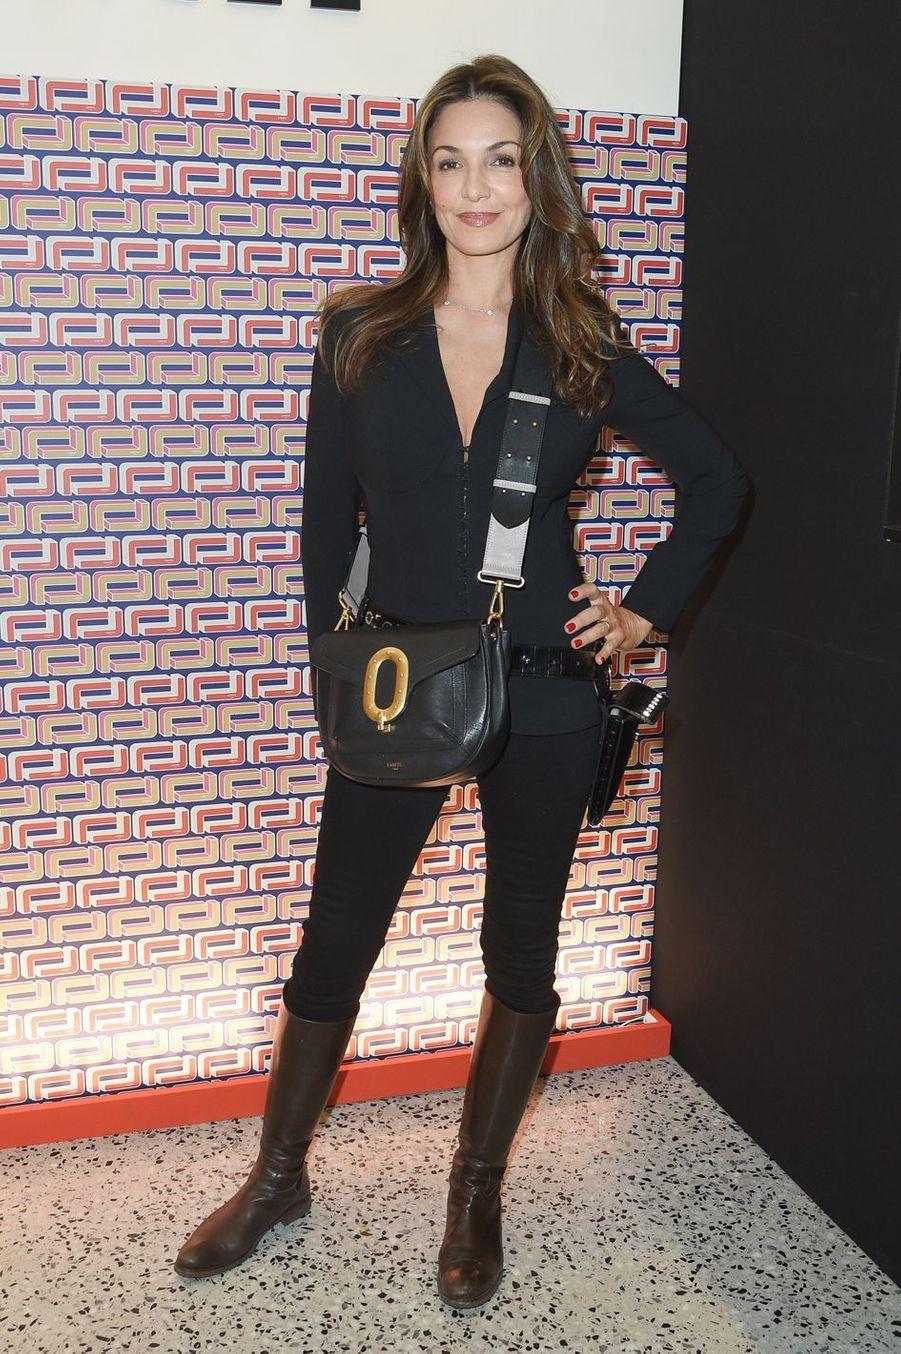 Nadia Farès à la présentation Lancel lors de la Fashion Week de Paris le 27 février 2019